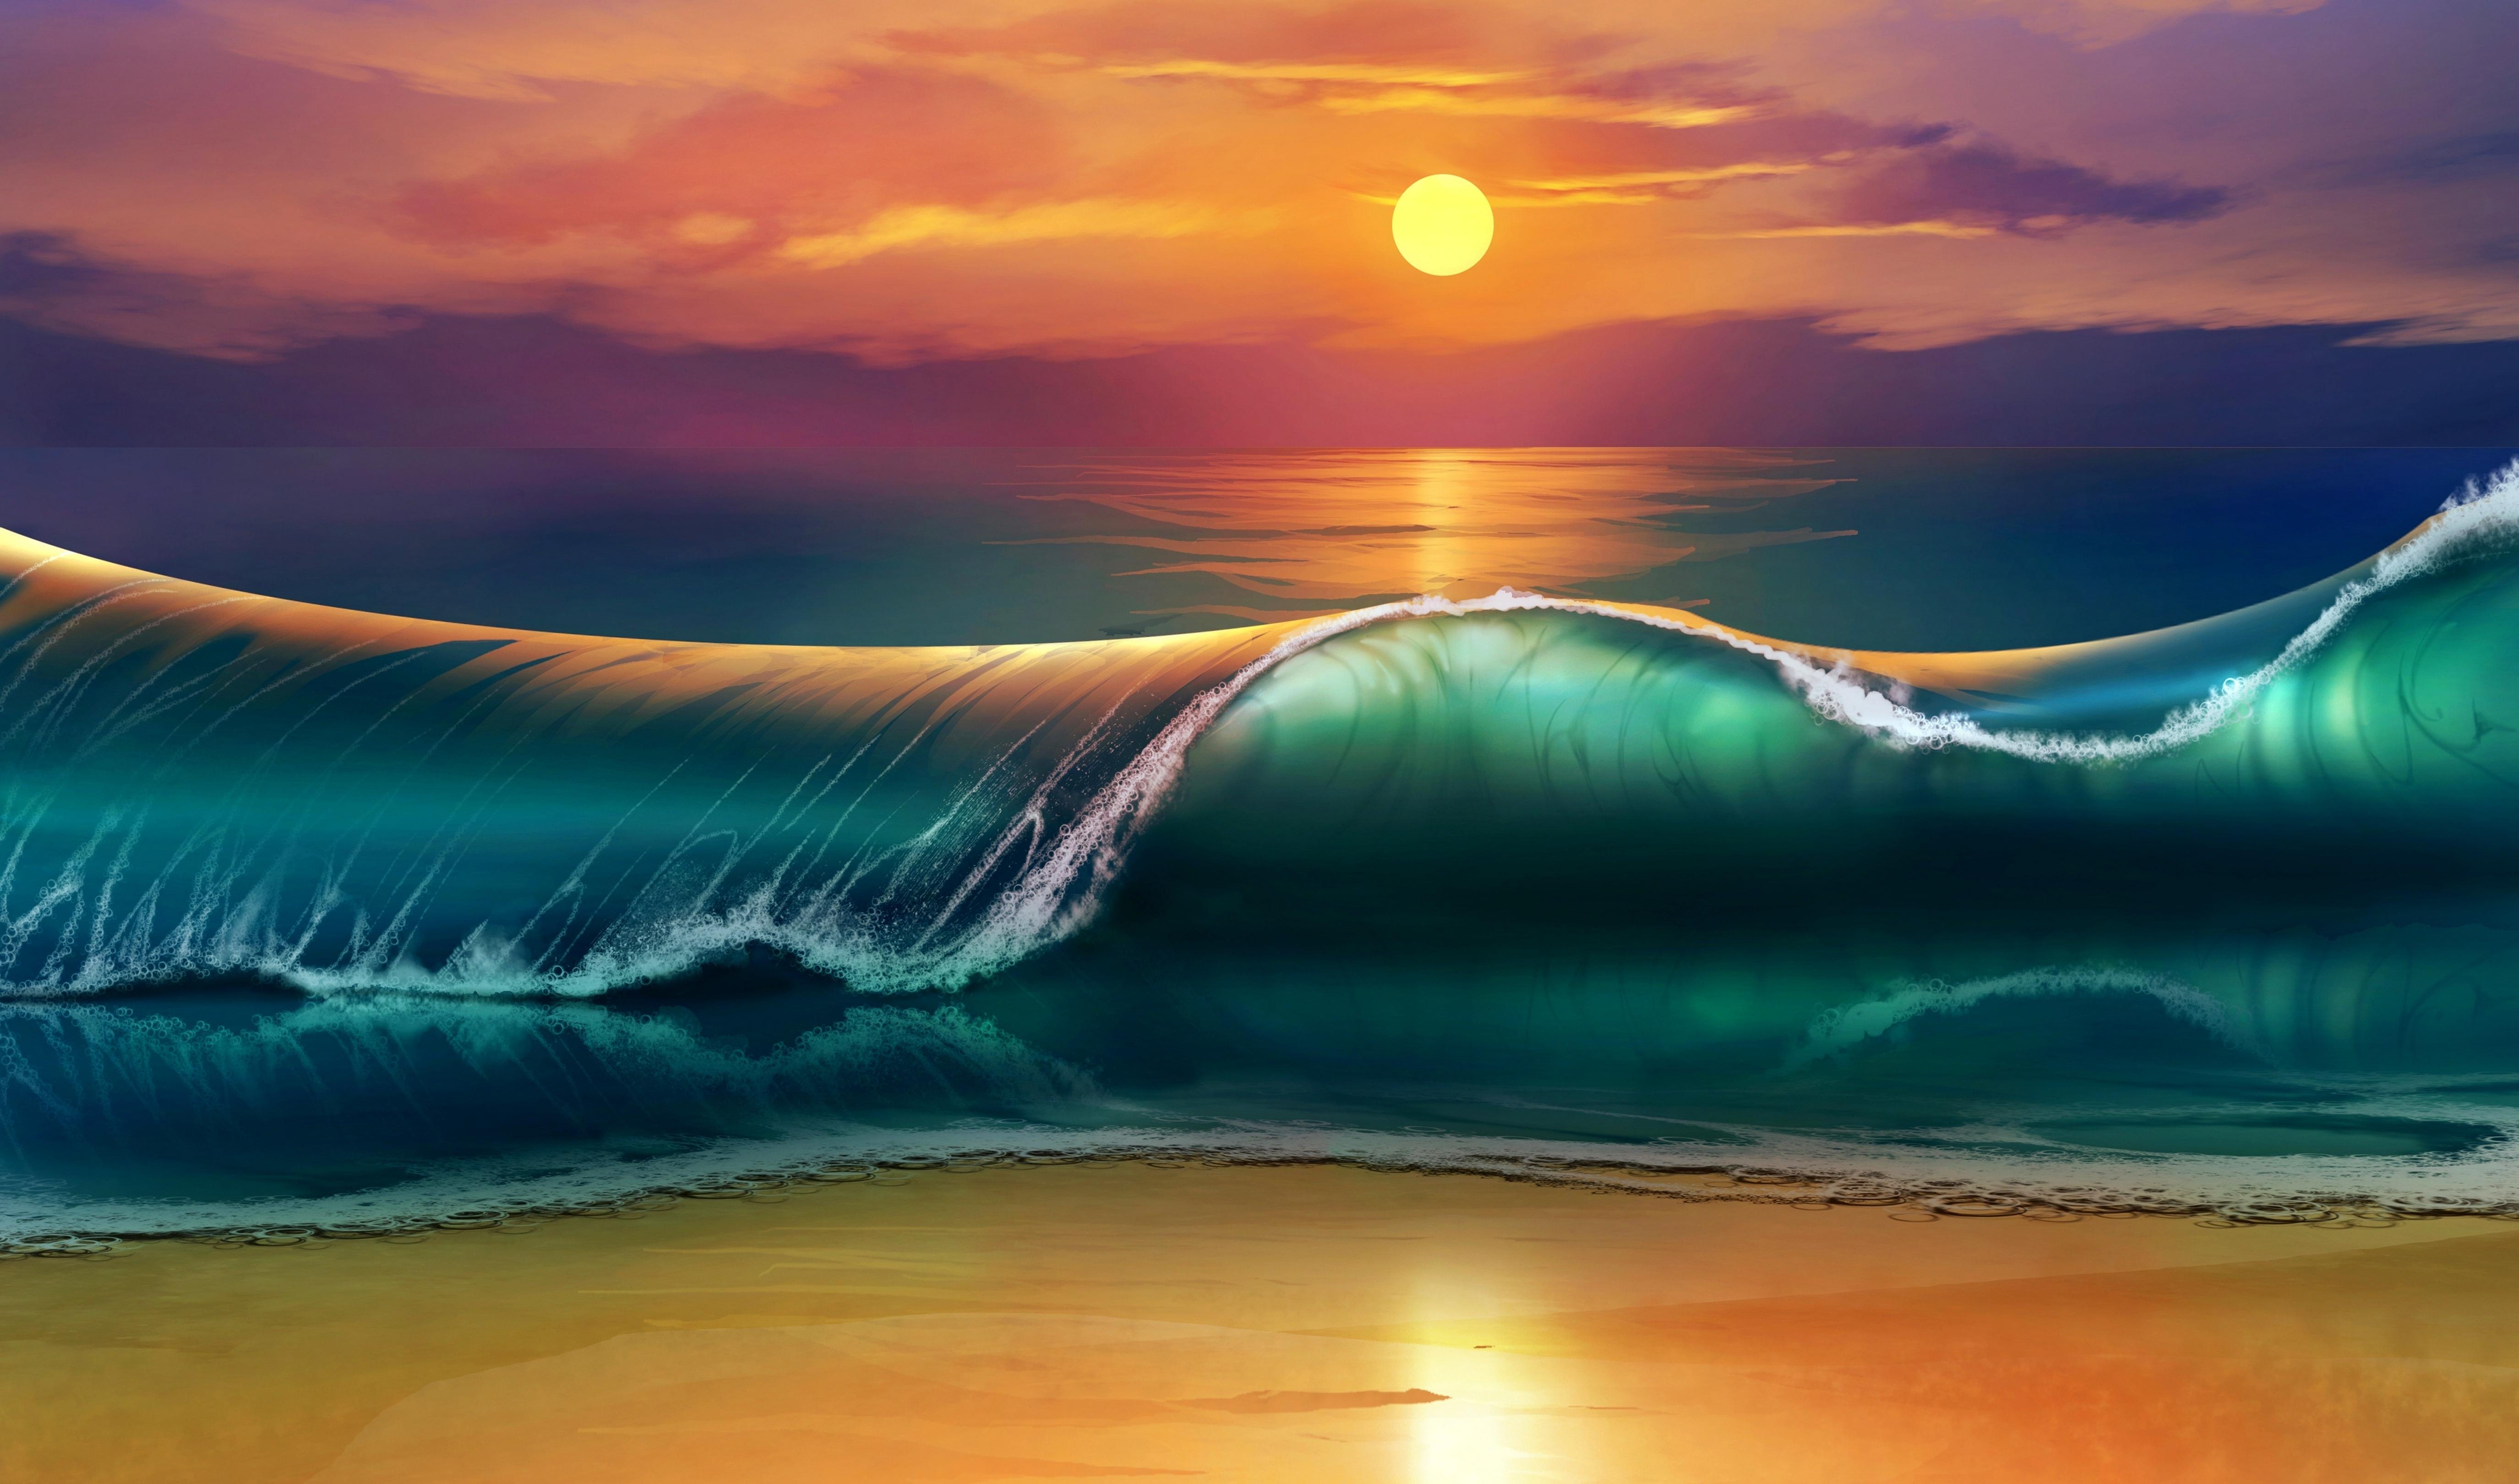 Картинка: Пляж, море, волна, солнце, небо, песок, закат